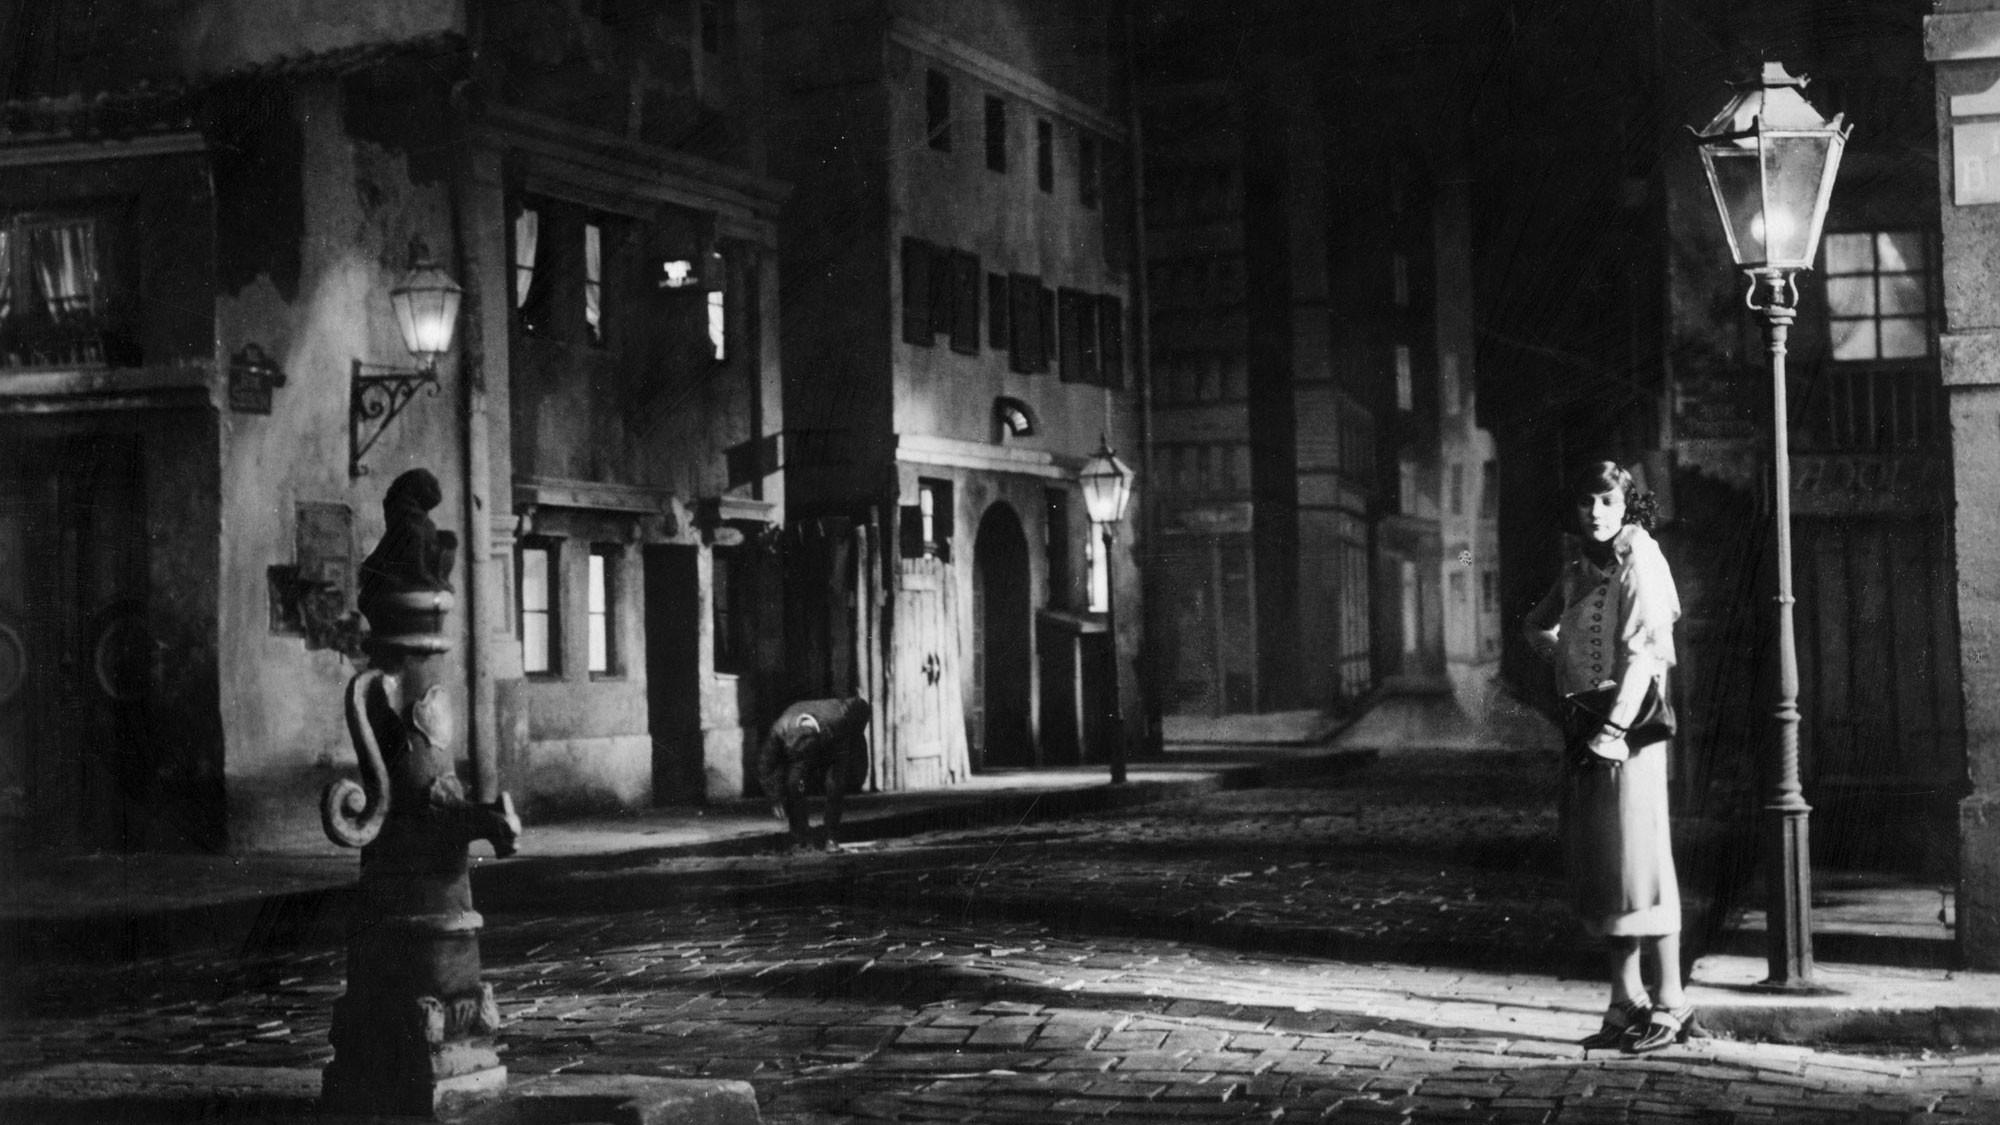 Бланковая второразрядная проститутка поджидает клиентов. Фото © Getty Images / Hulton Archive / Stringer